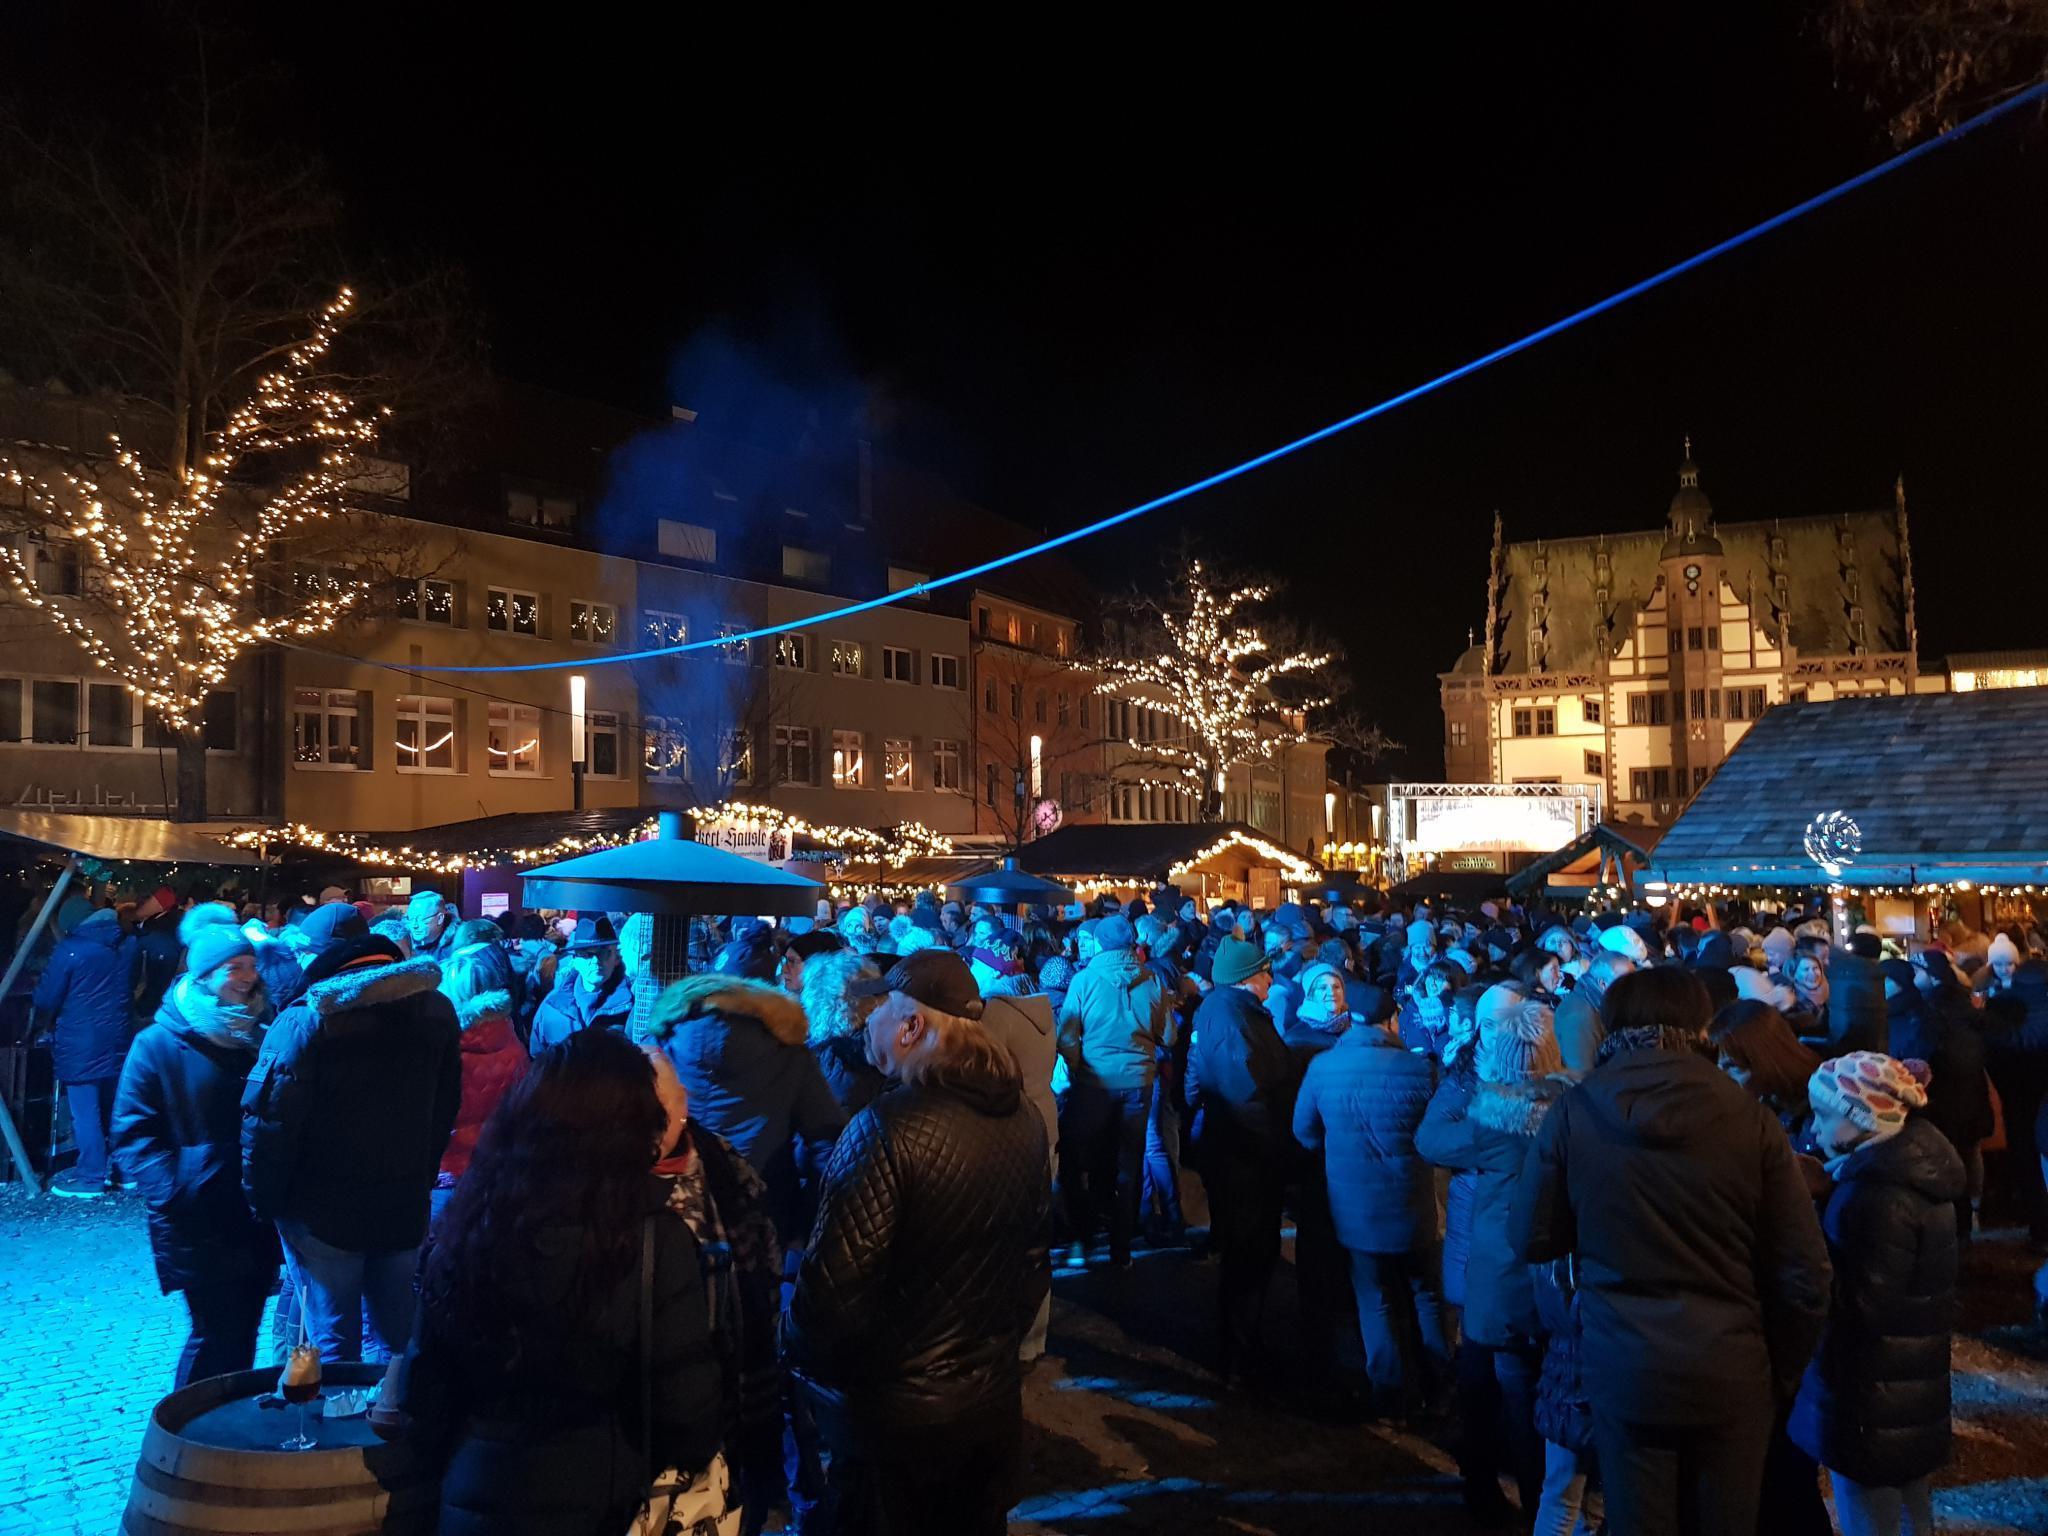 Das Winterdorf auf dem Schweinfurter Marktplatz. Foto. Dirk Flieger